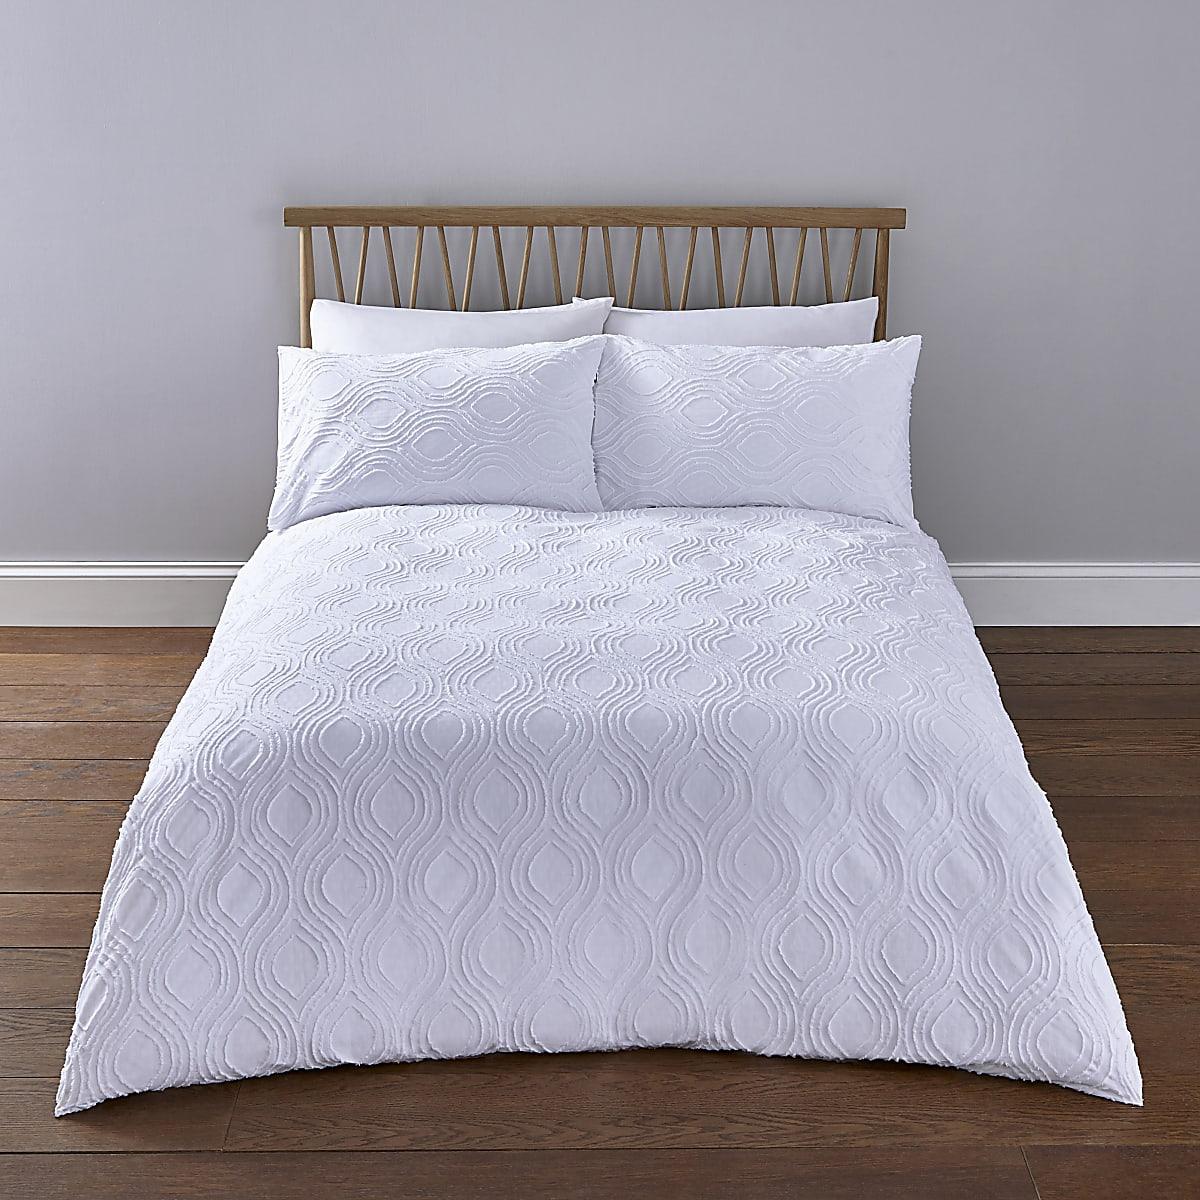 Witte kingsize dekbedset met geometrisch motief en textuur